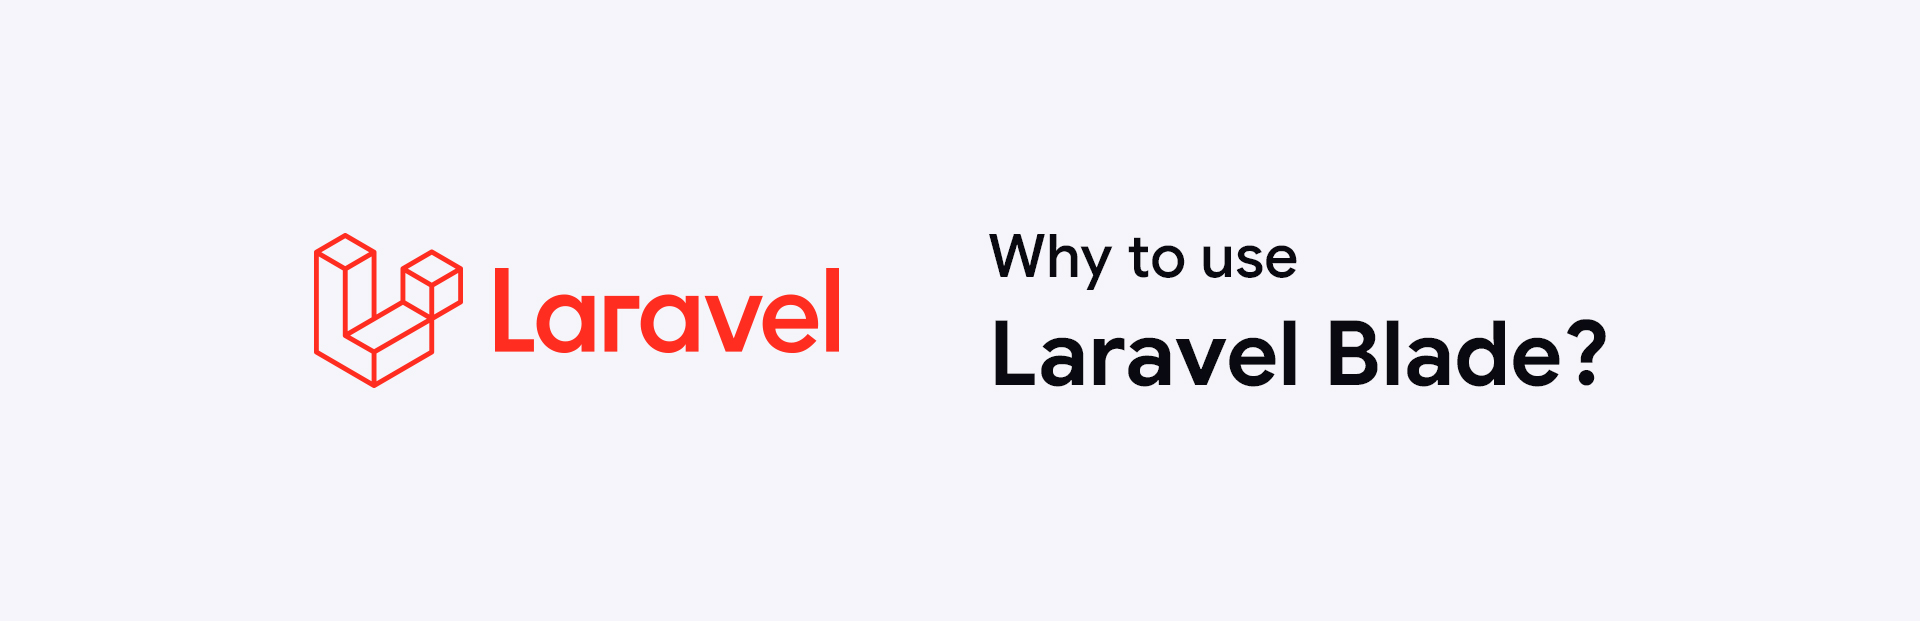 Why use Laravel blade?